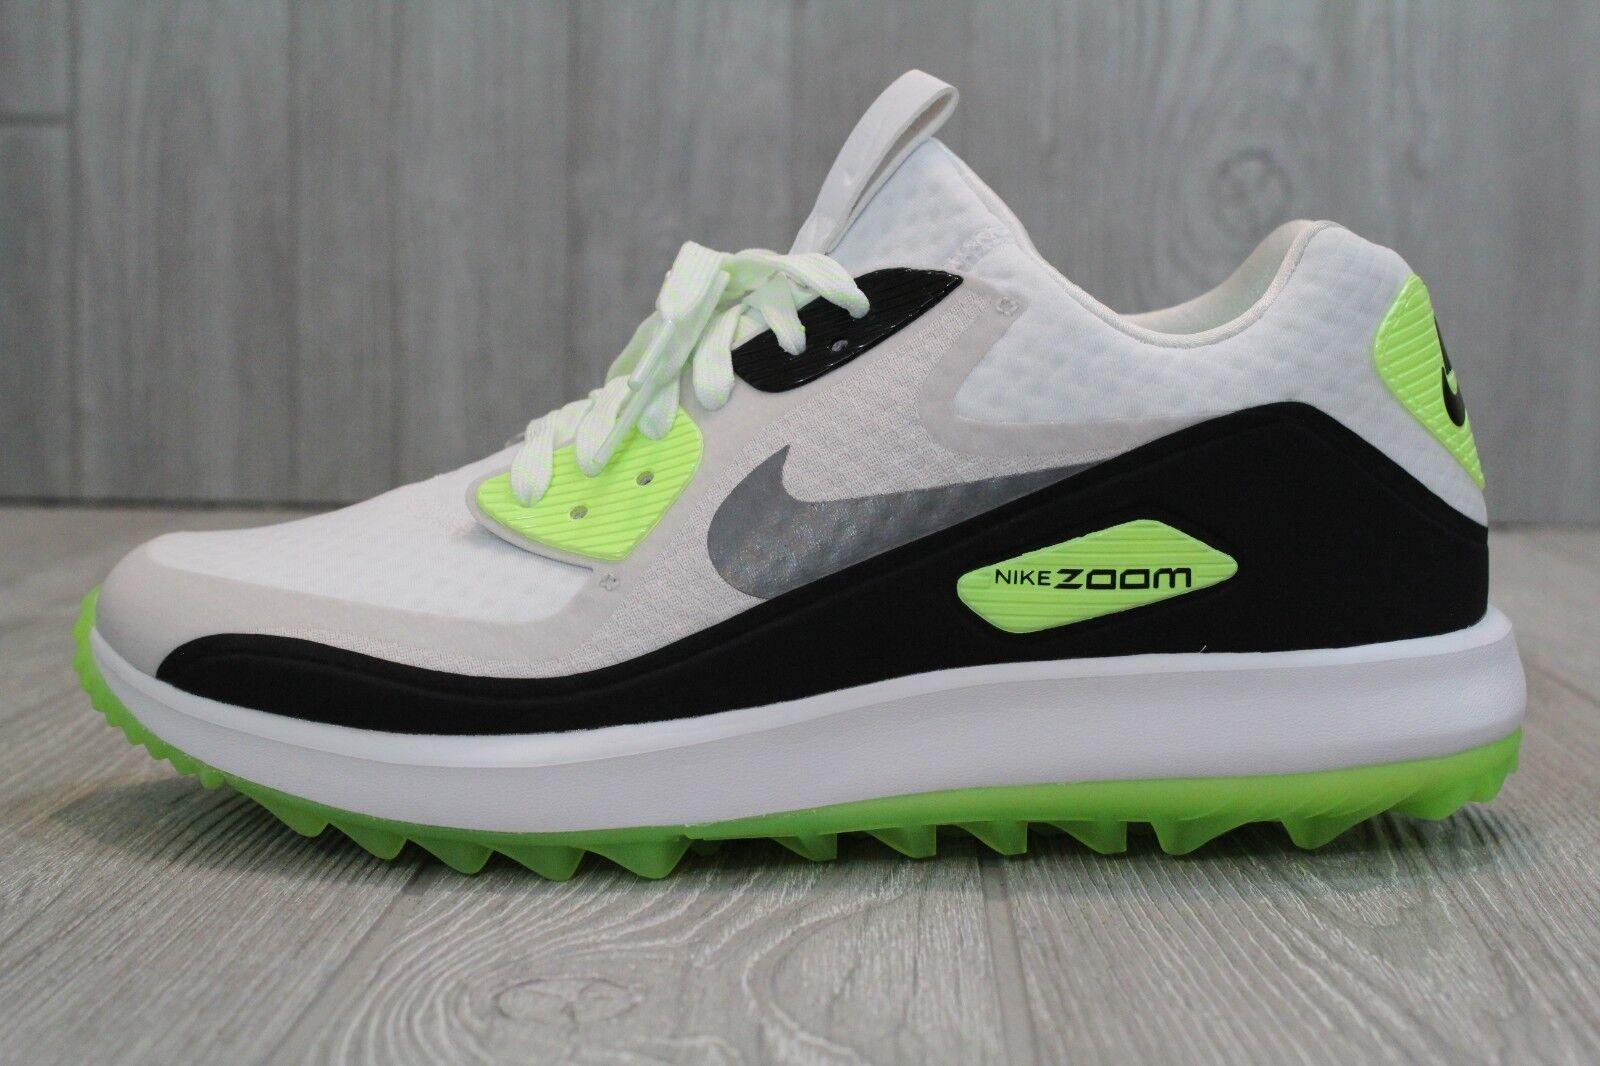 30 Air Nuovi Uomini Nike Air 30 Zum 90 E   Da Golf Verde Bianco 844569-102 Dimensioni 8 11 c3317a